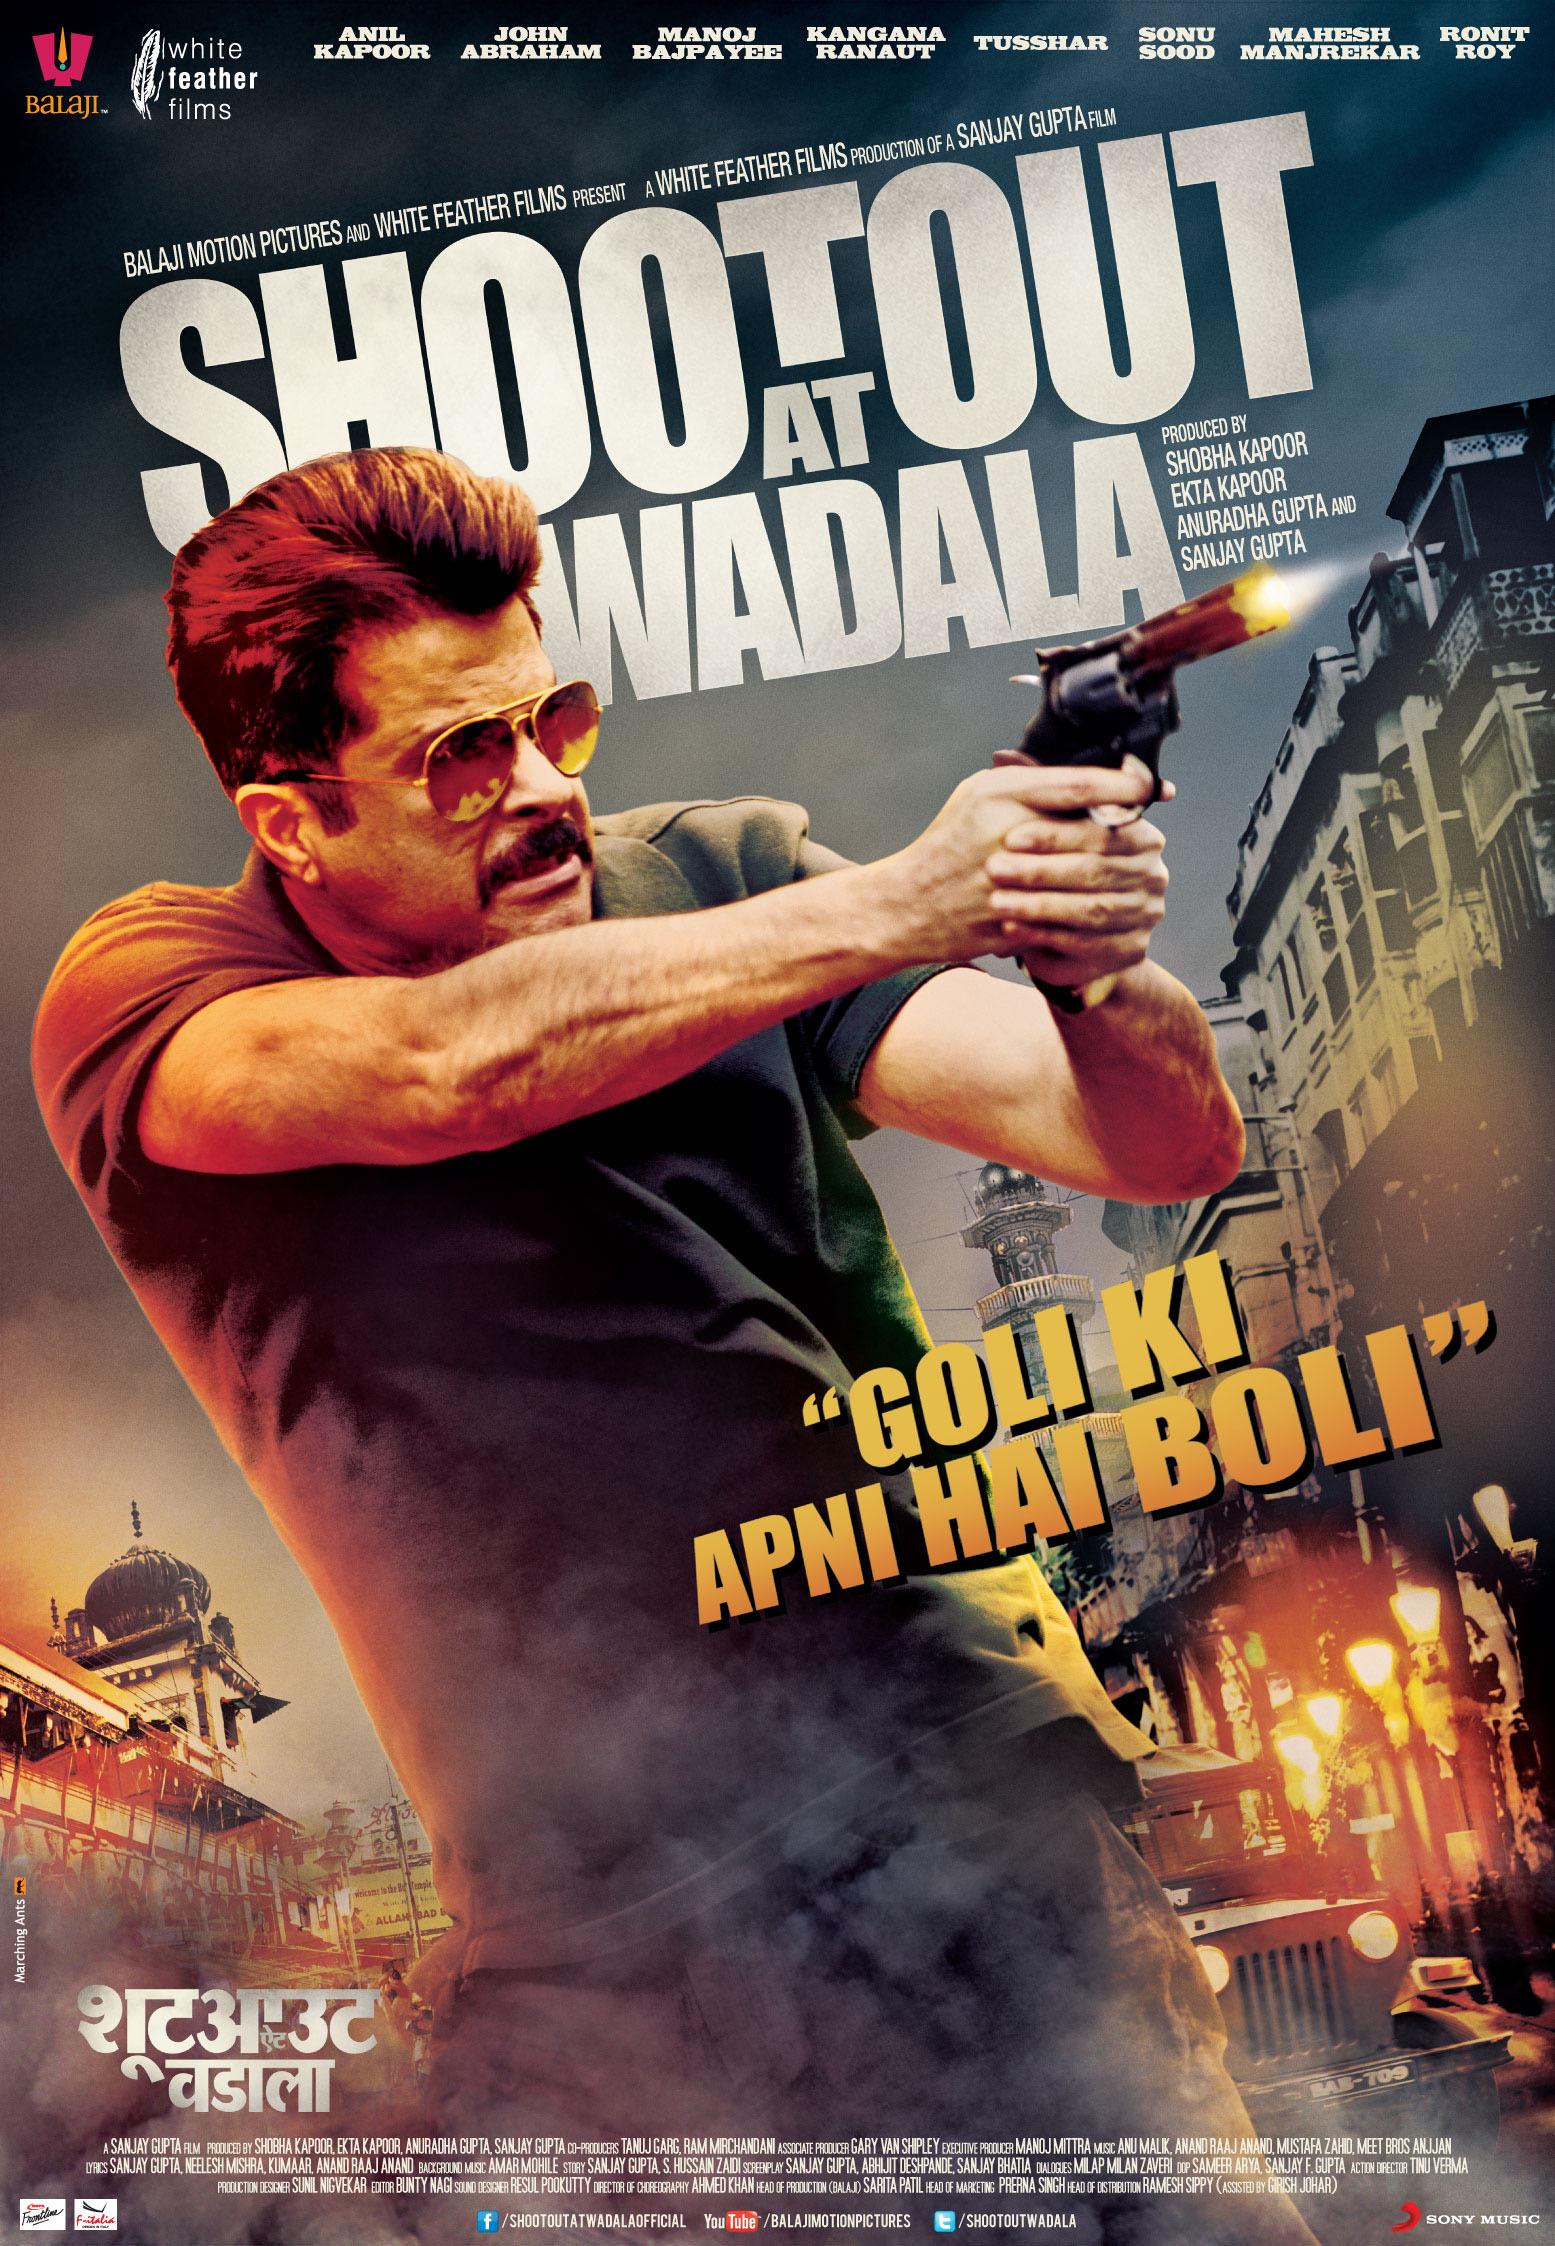 Shootout At Wadala - Movie Poster #11 (Original)